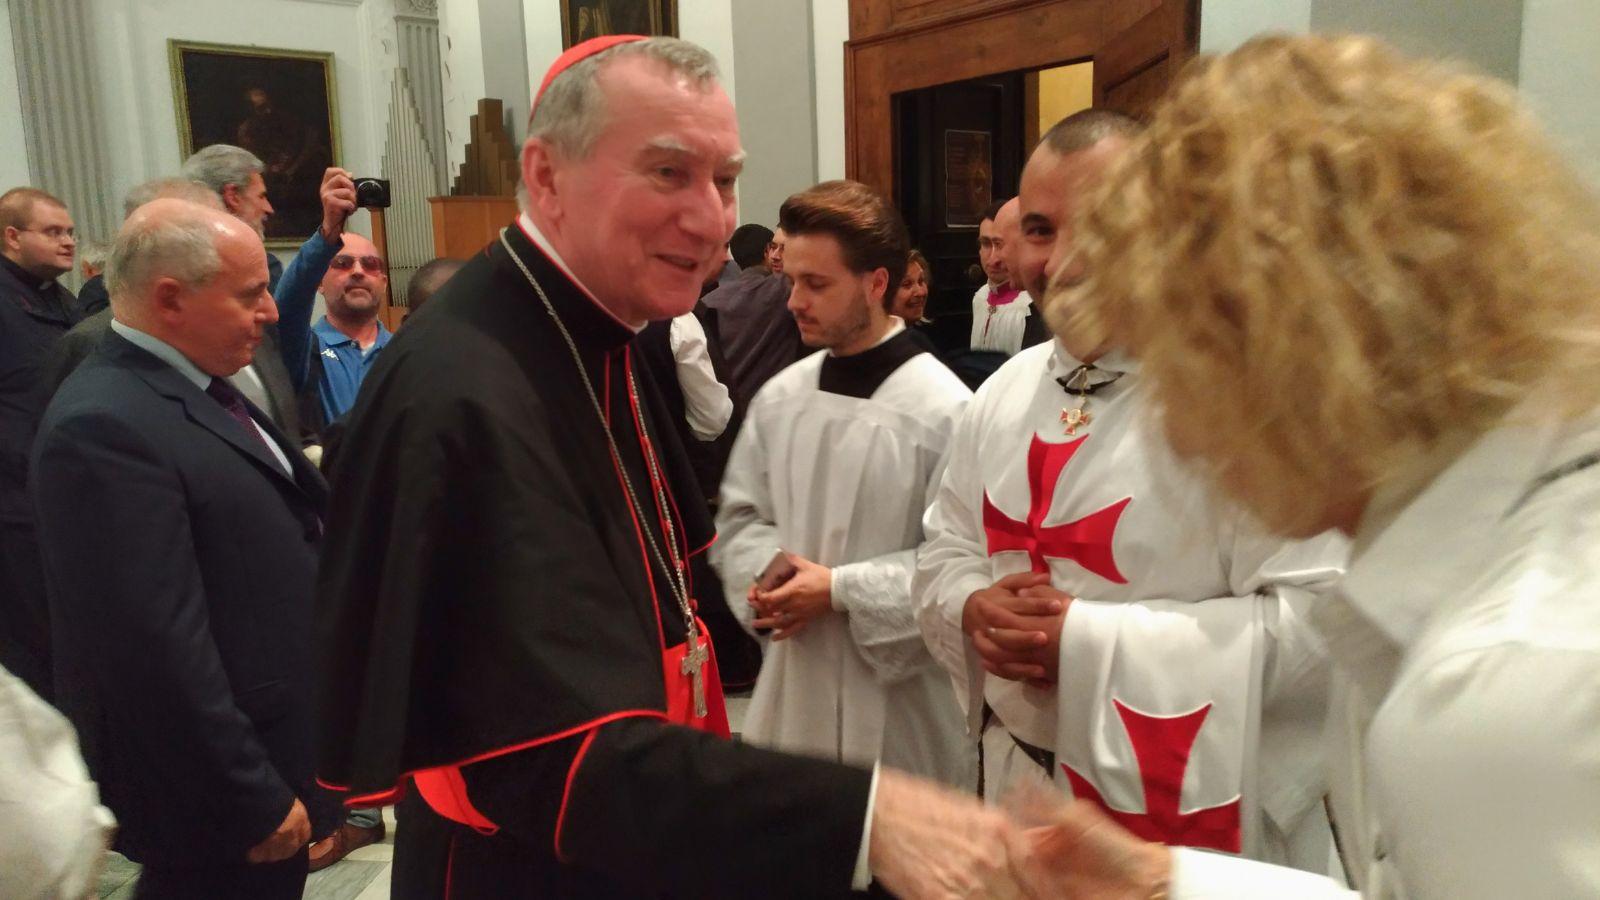 I Templari Cattolici d'Italia in occasione della festività di San Francesco d'Assisi partecipano alla Celebrazione Eucaristica Presieduta da Sua Eminenza il Cardinale Parolin Segretario dello Stato del Vaticano a Massa Carrara